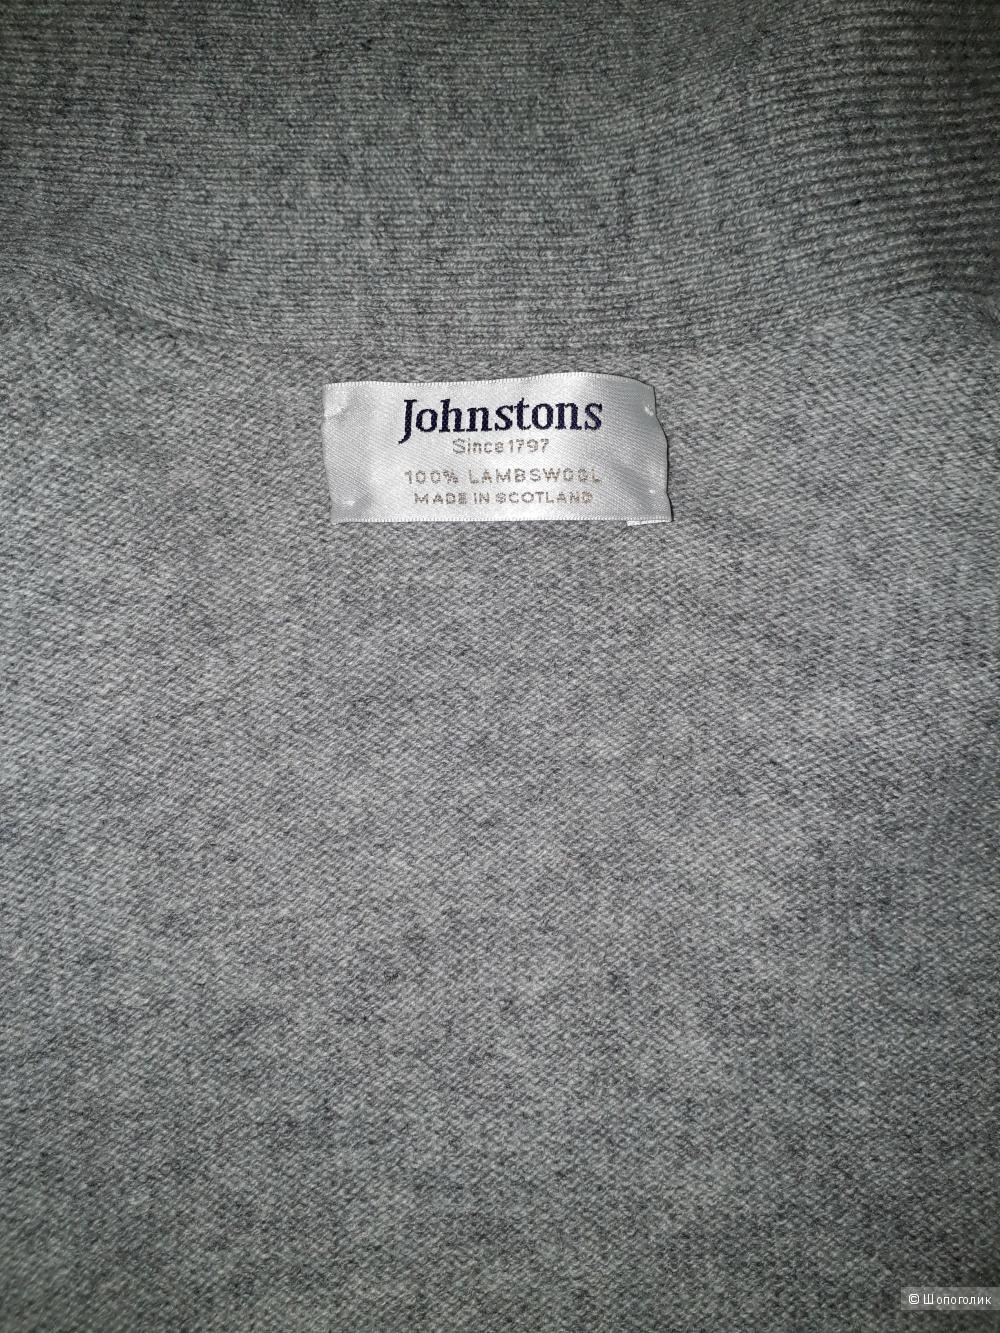 Кардиган johnstons, размер m/l